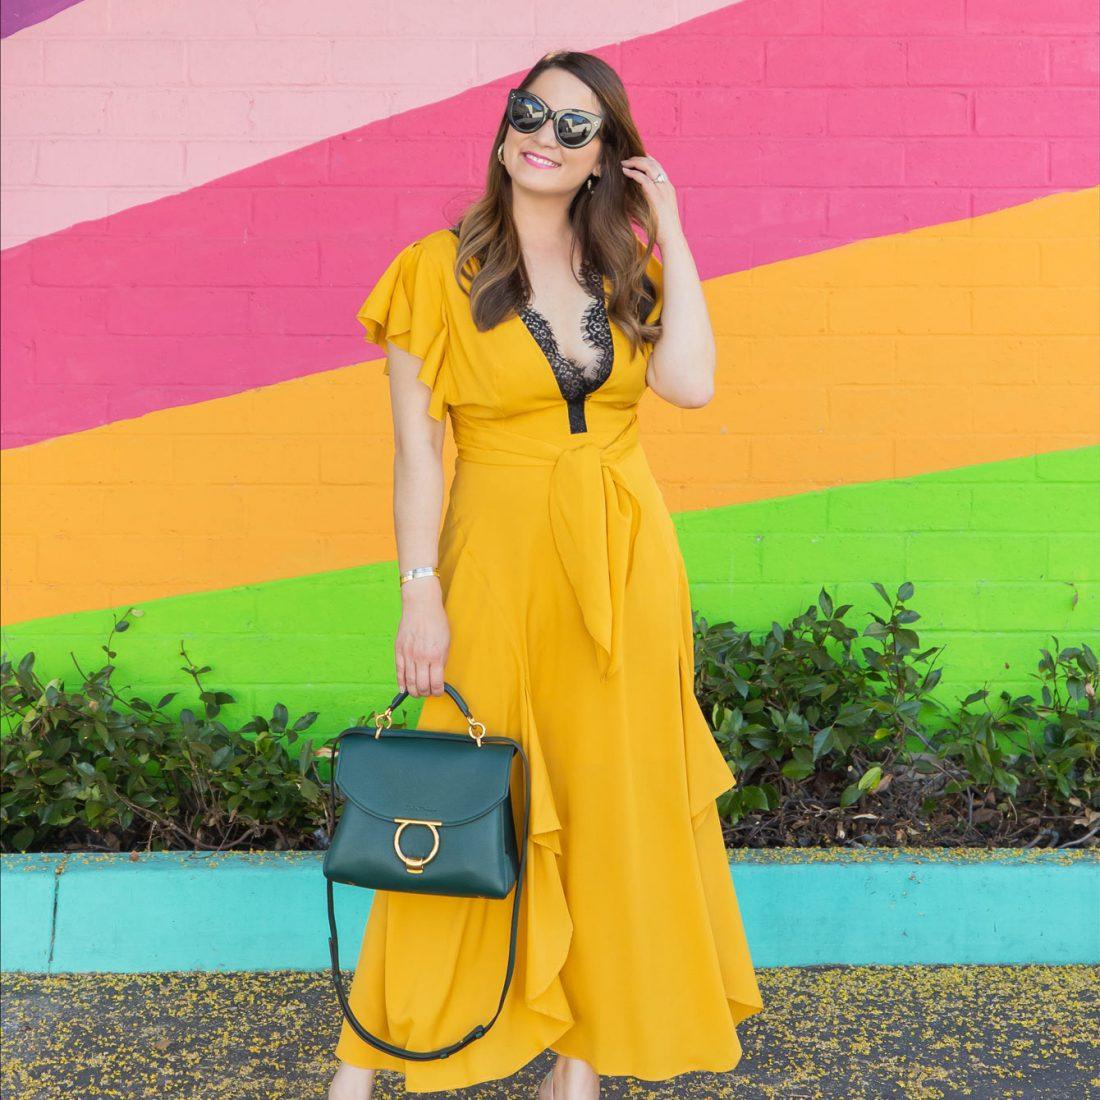 Topshop Yellow Ruffle Wrap Dress